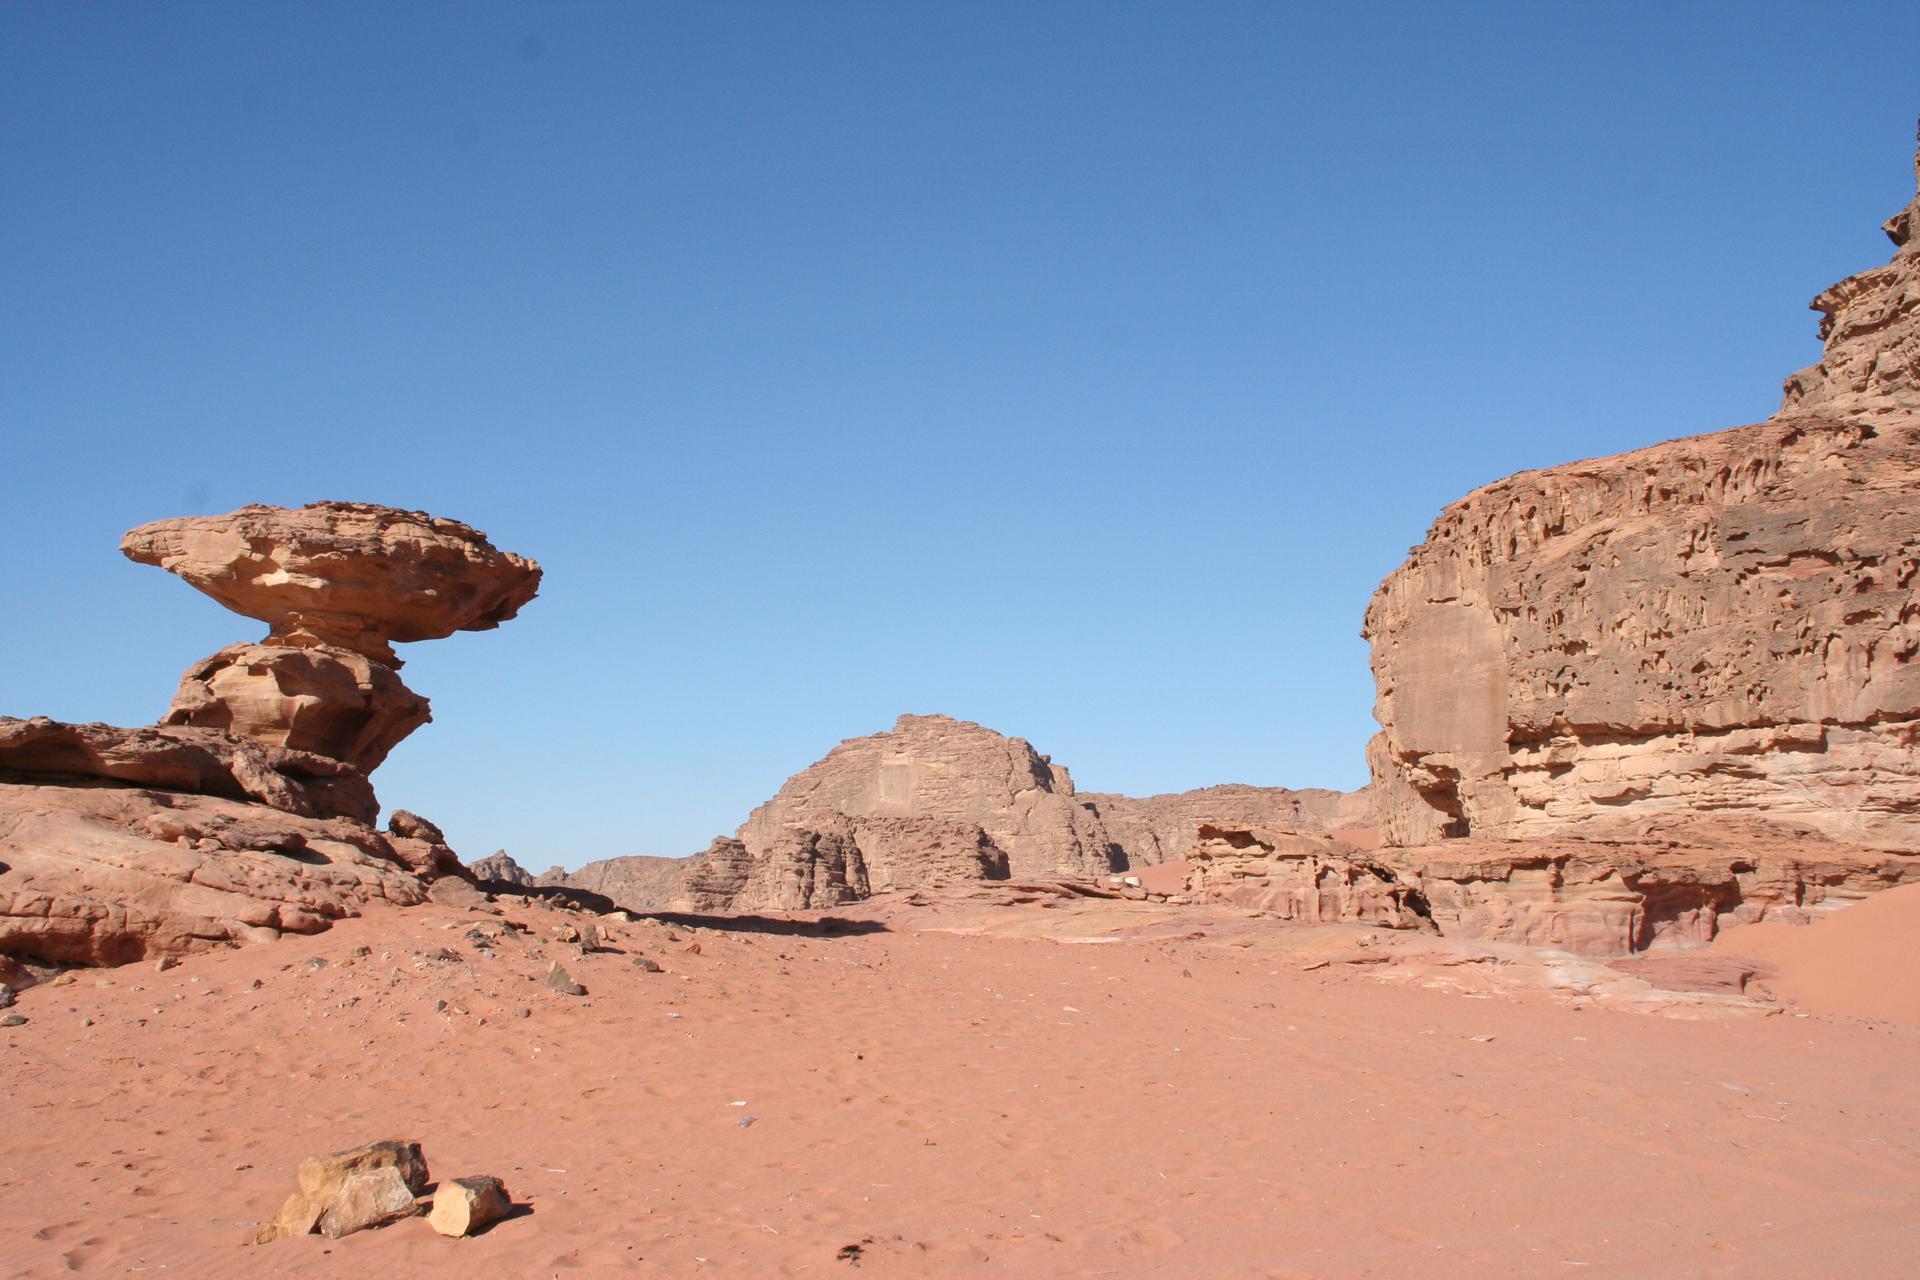 Fotograaf: Astrid Sanders 'Wadi Rum'